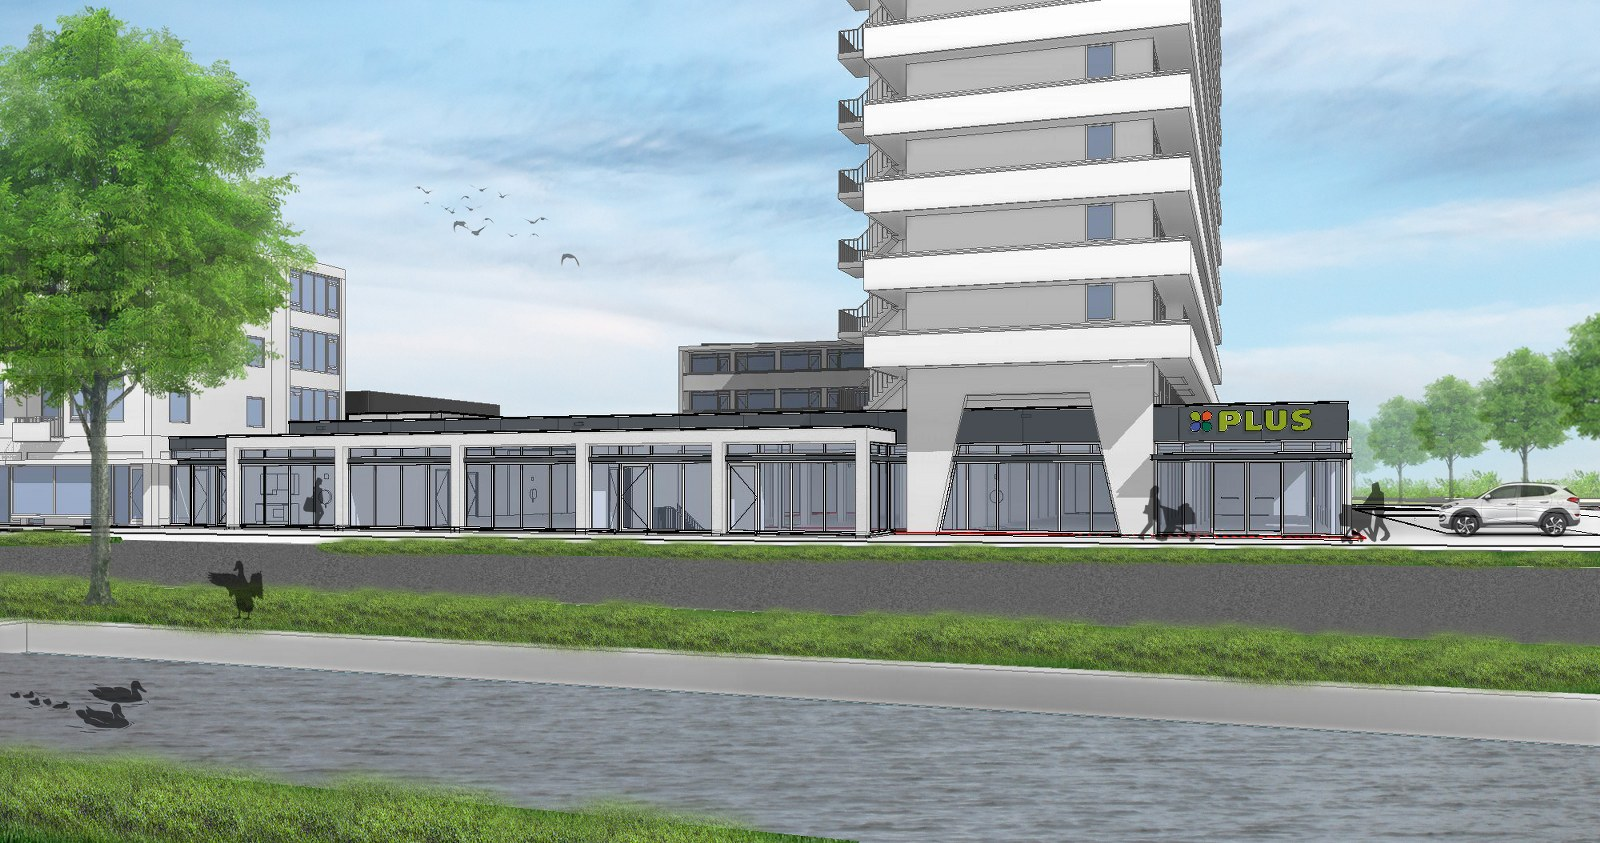 Uitbreiding winkelcentrum van Foreestweg Delft